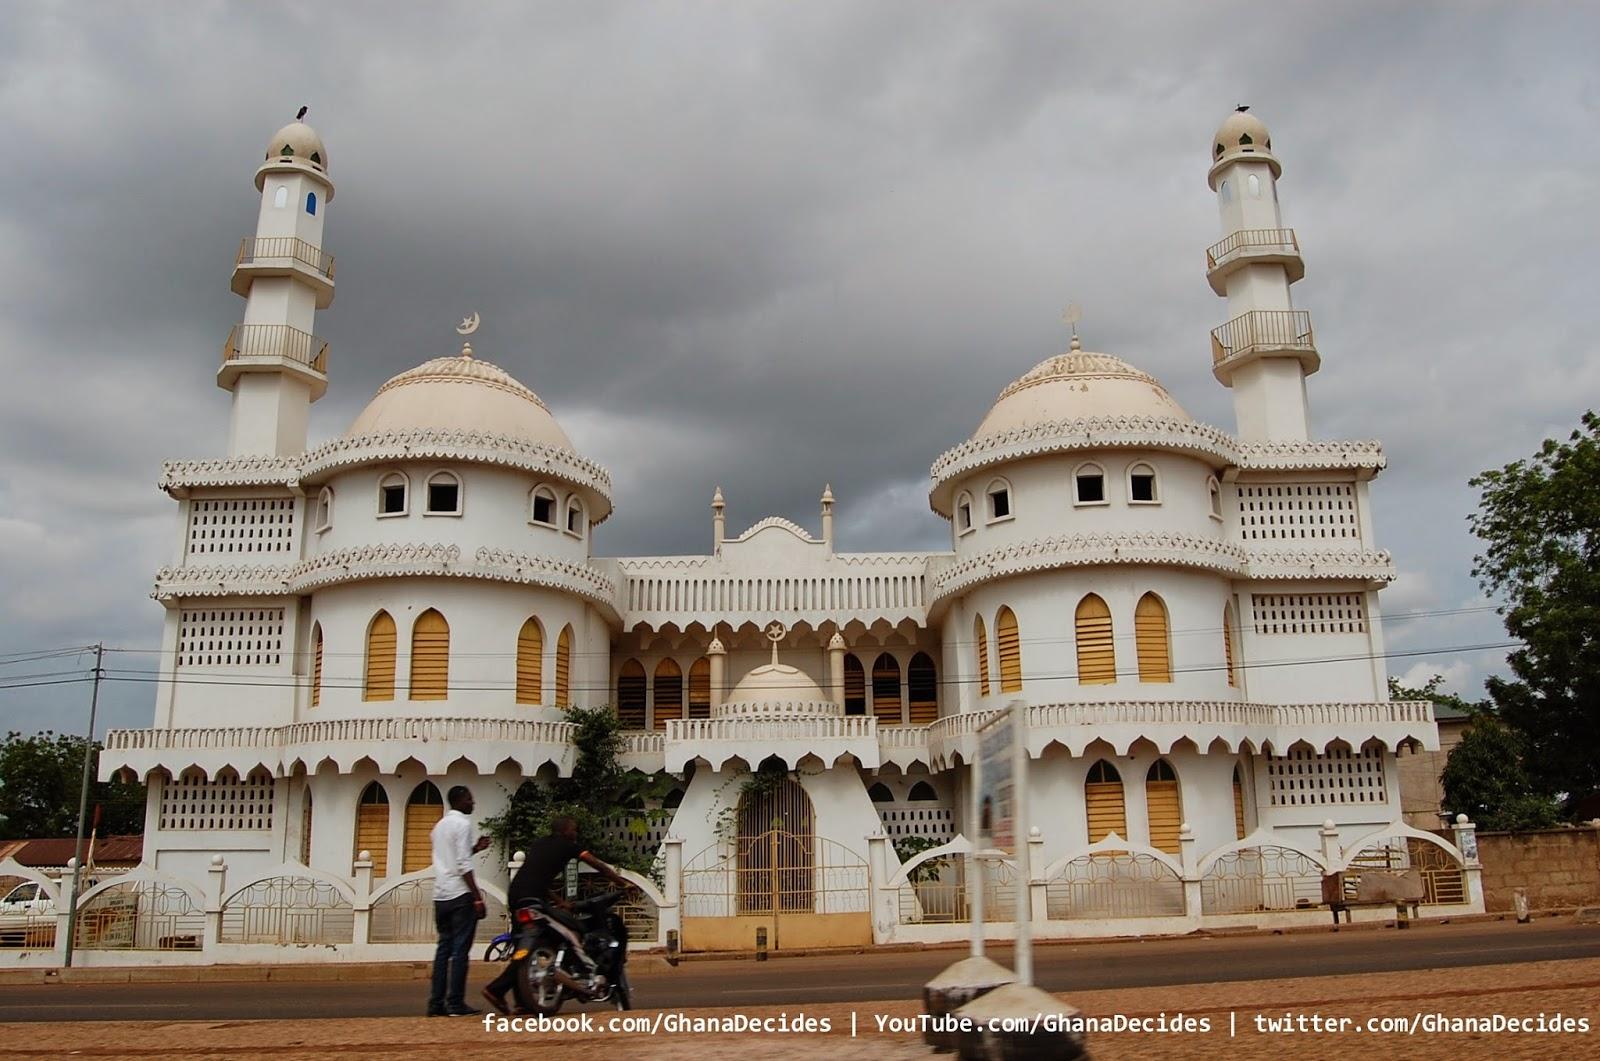 New Zealand Mosque Wikipedia: AHMADIYYA MOSQUE: Ahmadiyya Muslim Jamaat Mosque